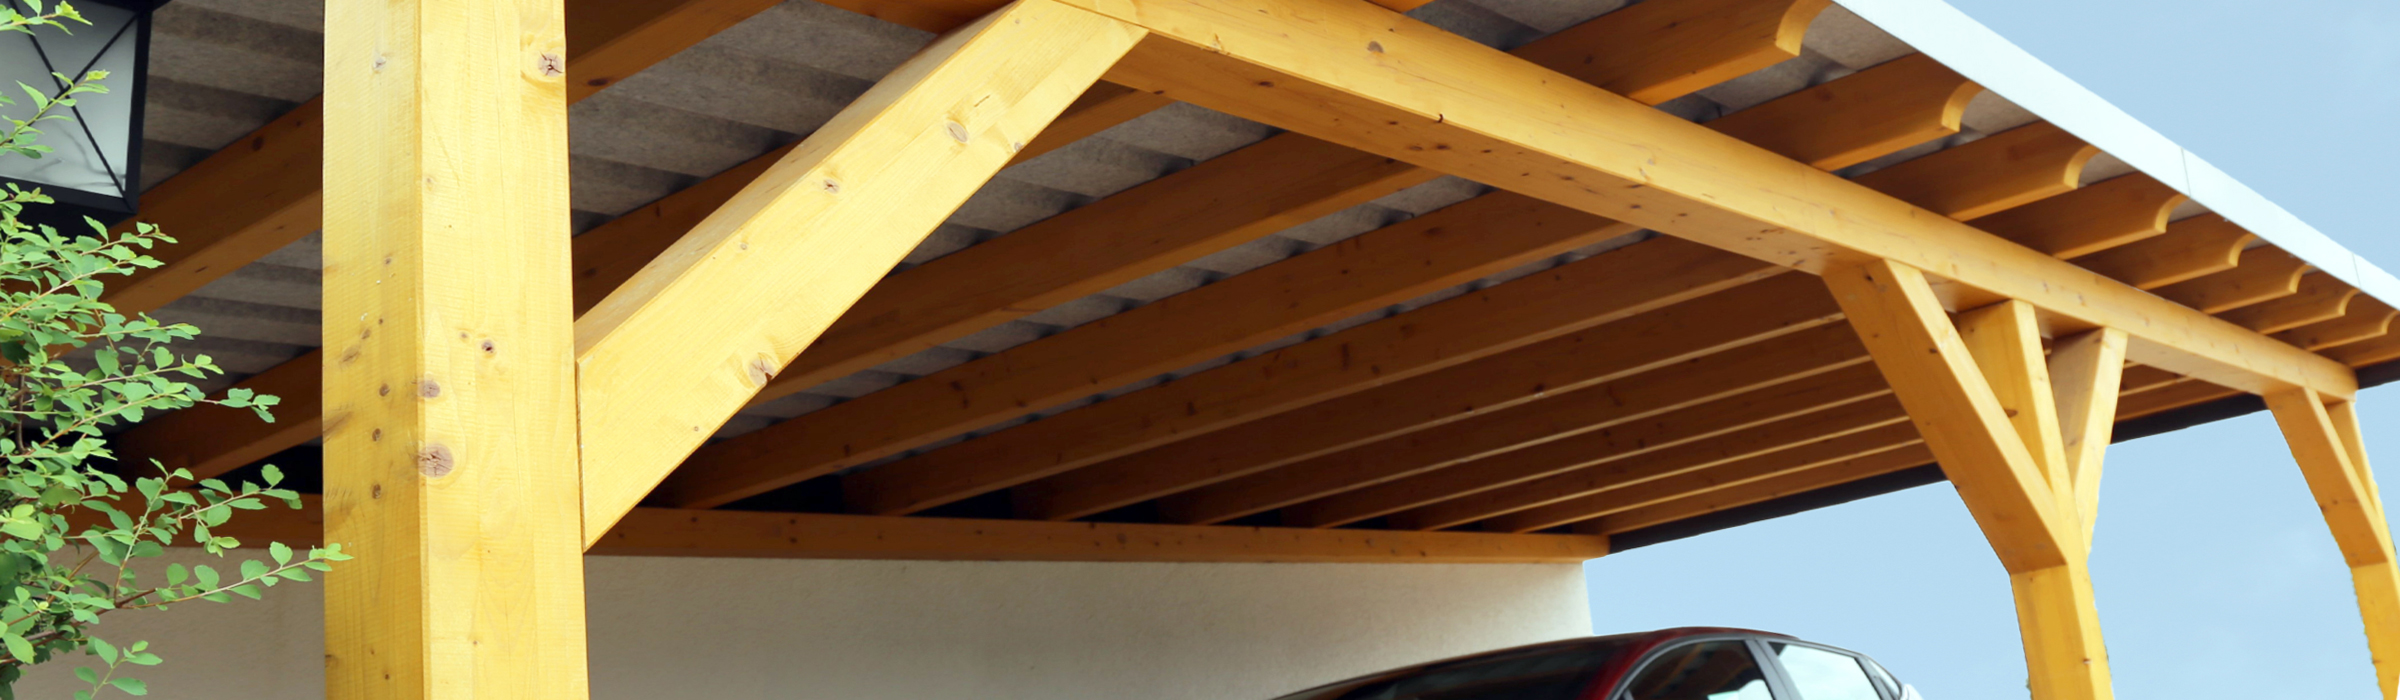 Slider Garagen Carports & Anbauten